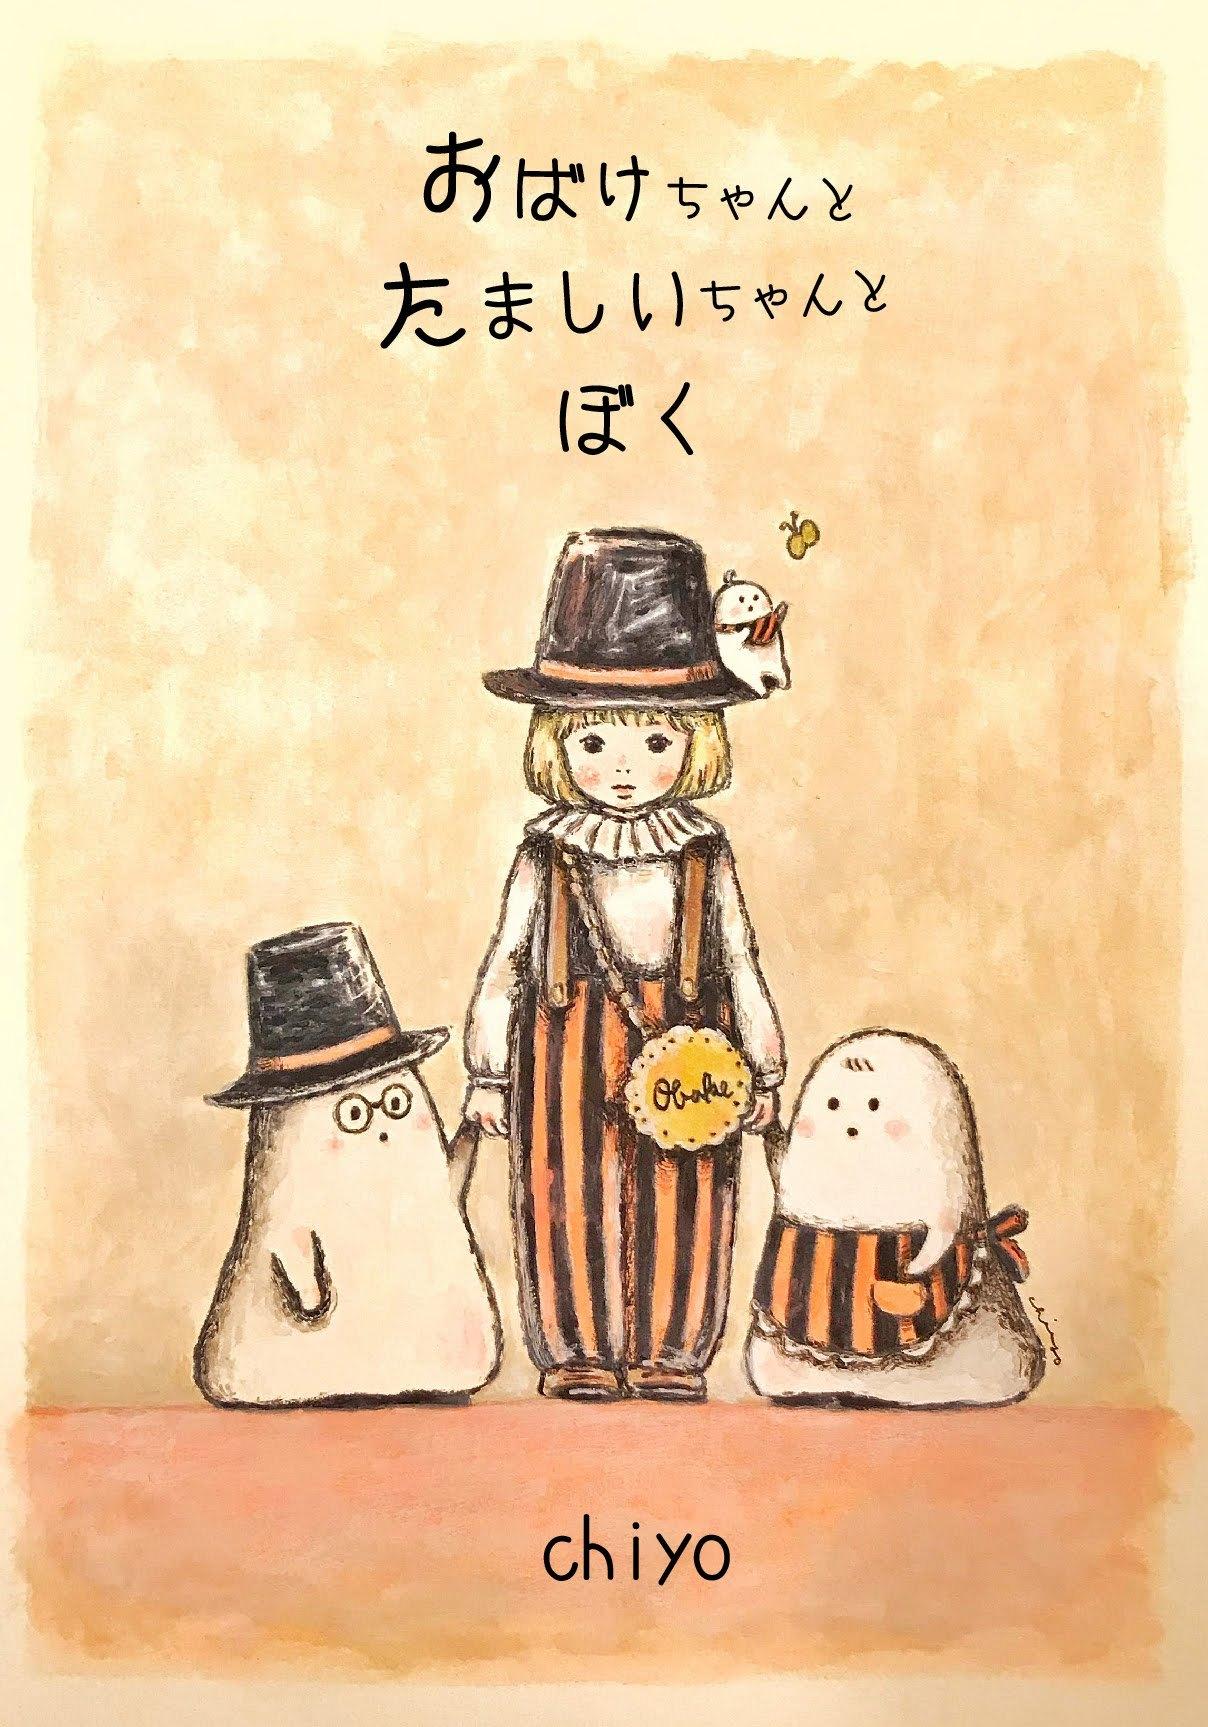 10/19〜28『おばけちゃんとたましいちゃんとぼく』@pieni trunkukka_f0223074_15334240.jpg